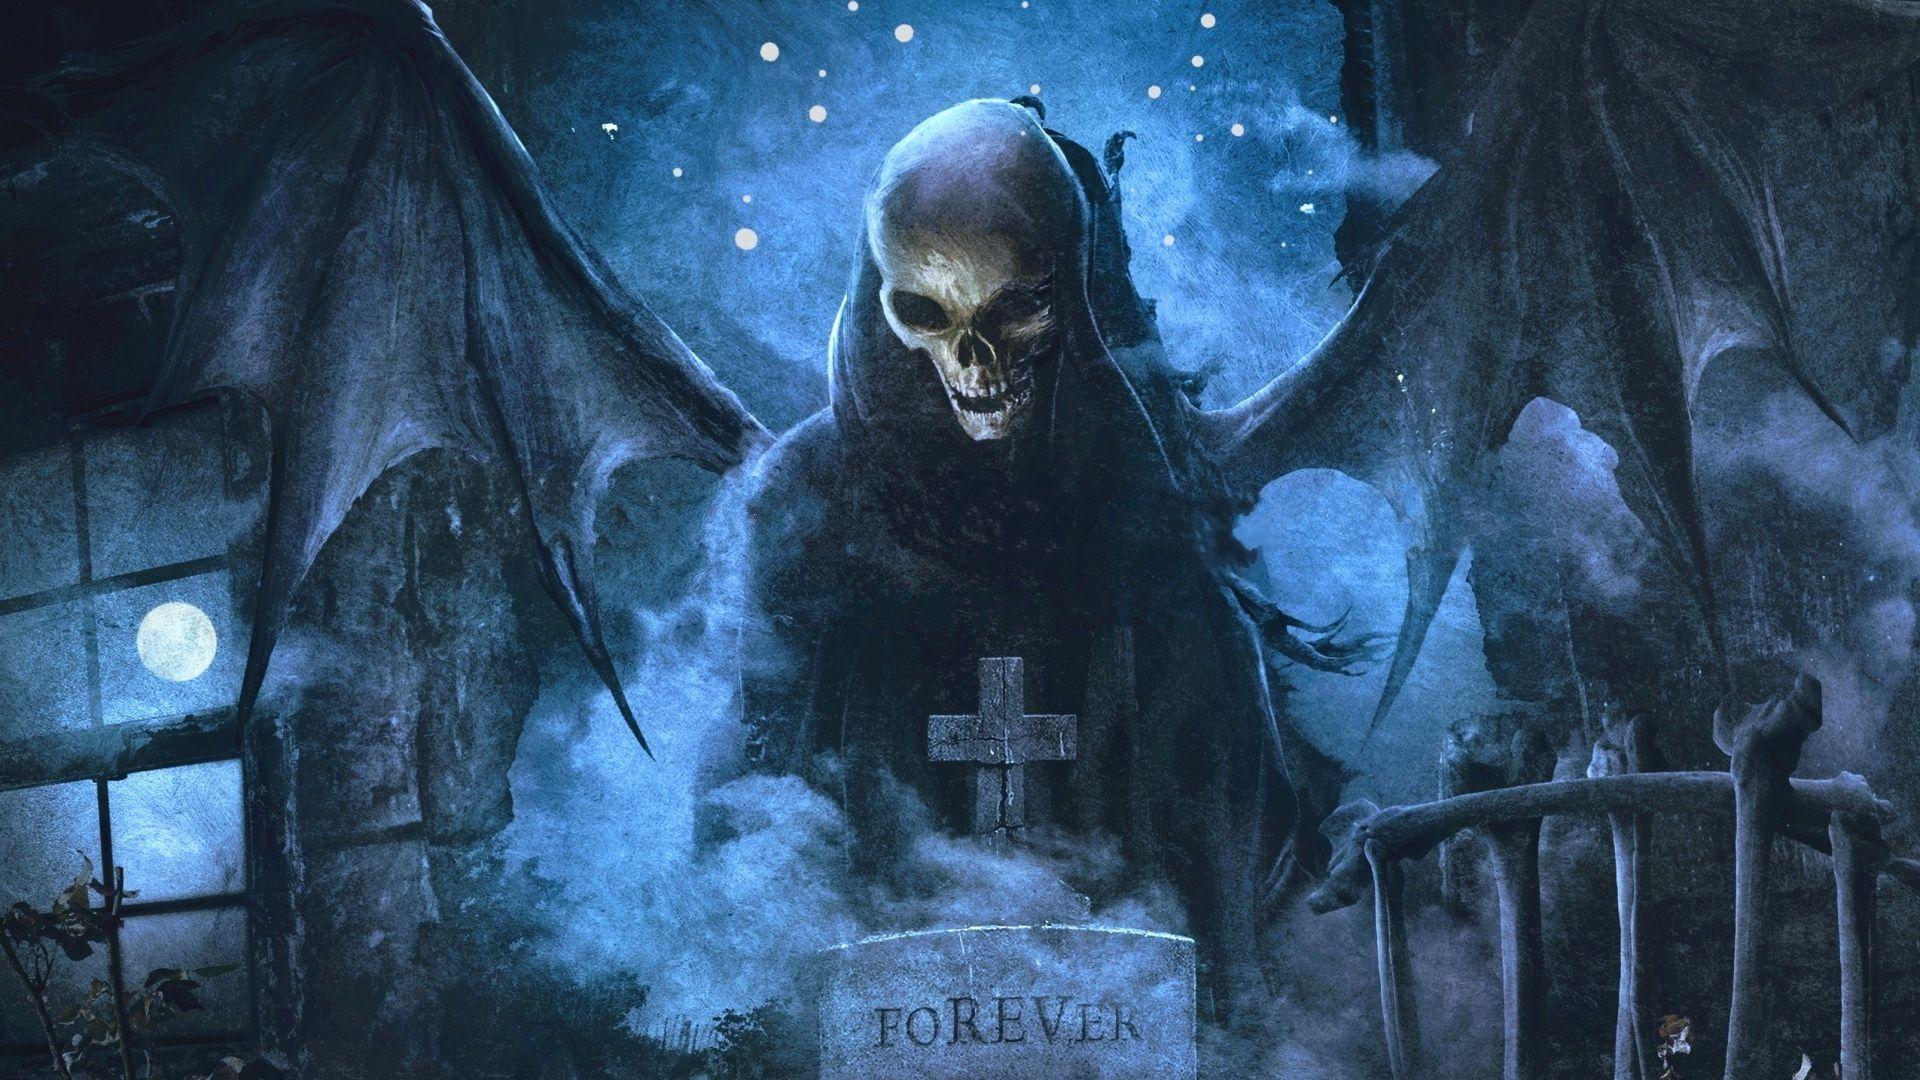 Nightmare Avenged Sevenfold Wallpaper Marvel Comics Wallpaper Avenged Sevenfold Zombie Illustration